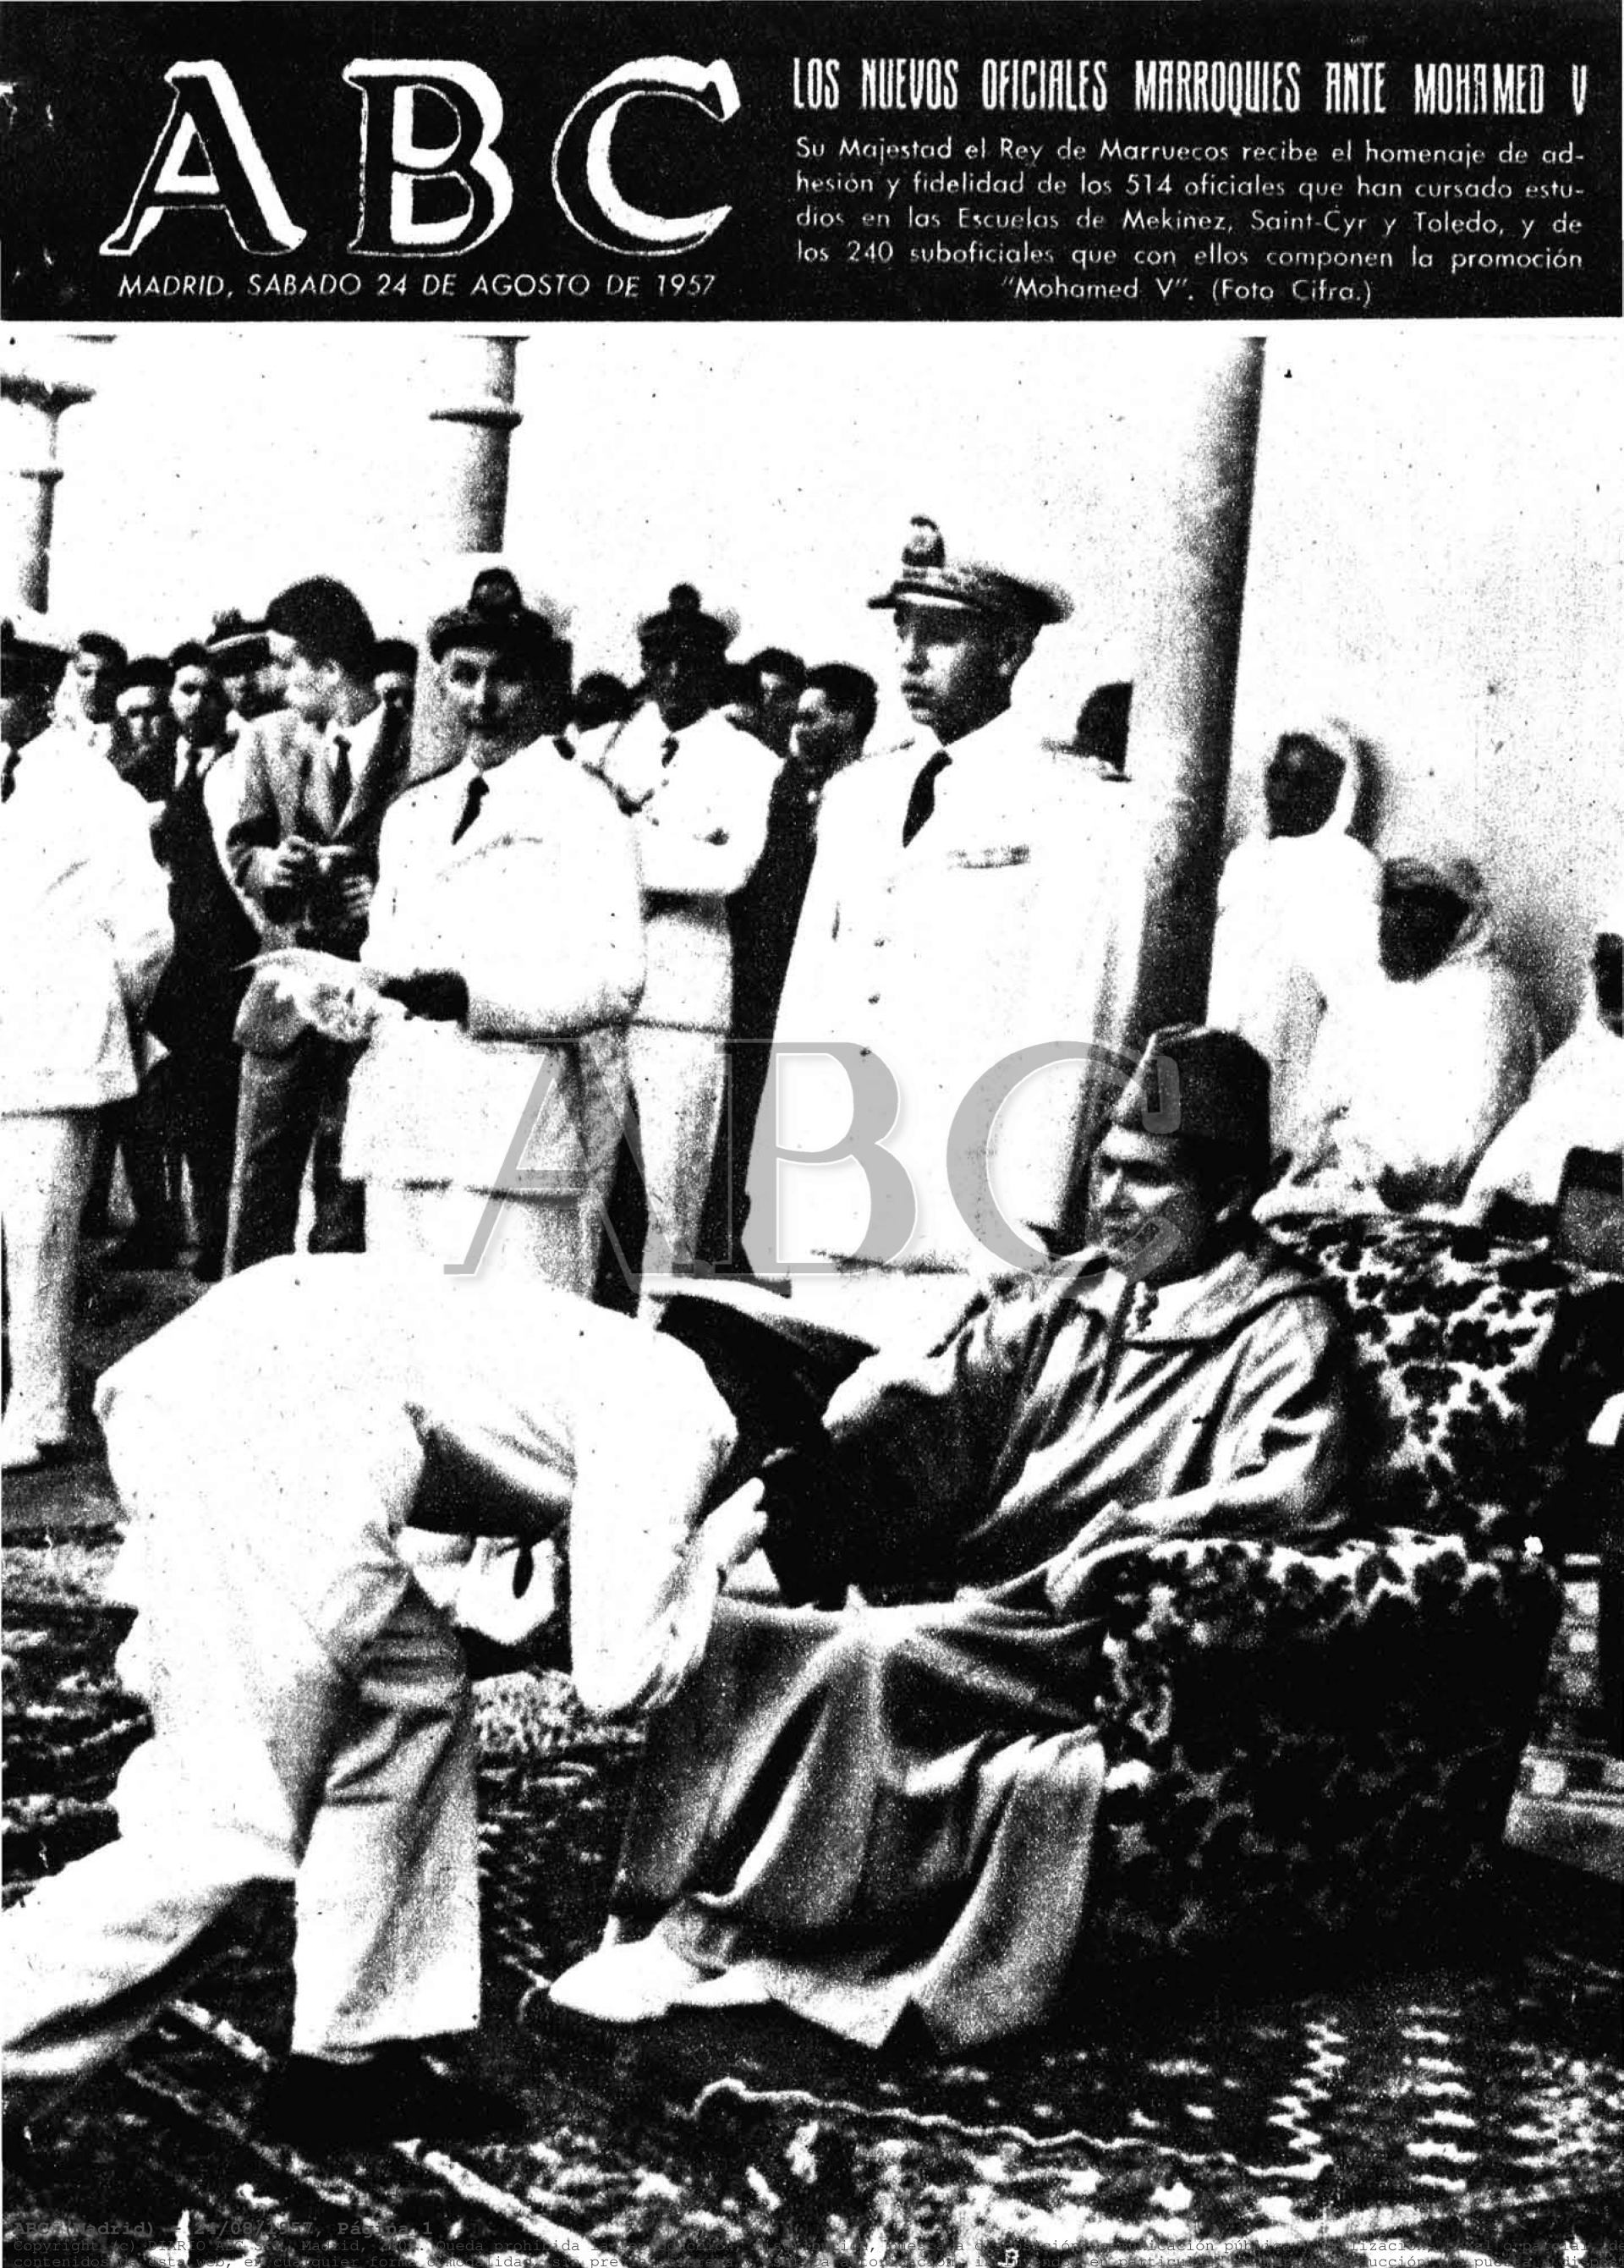 Les Officiers de la promotion Mohammed V - 1956/57 Clipb153